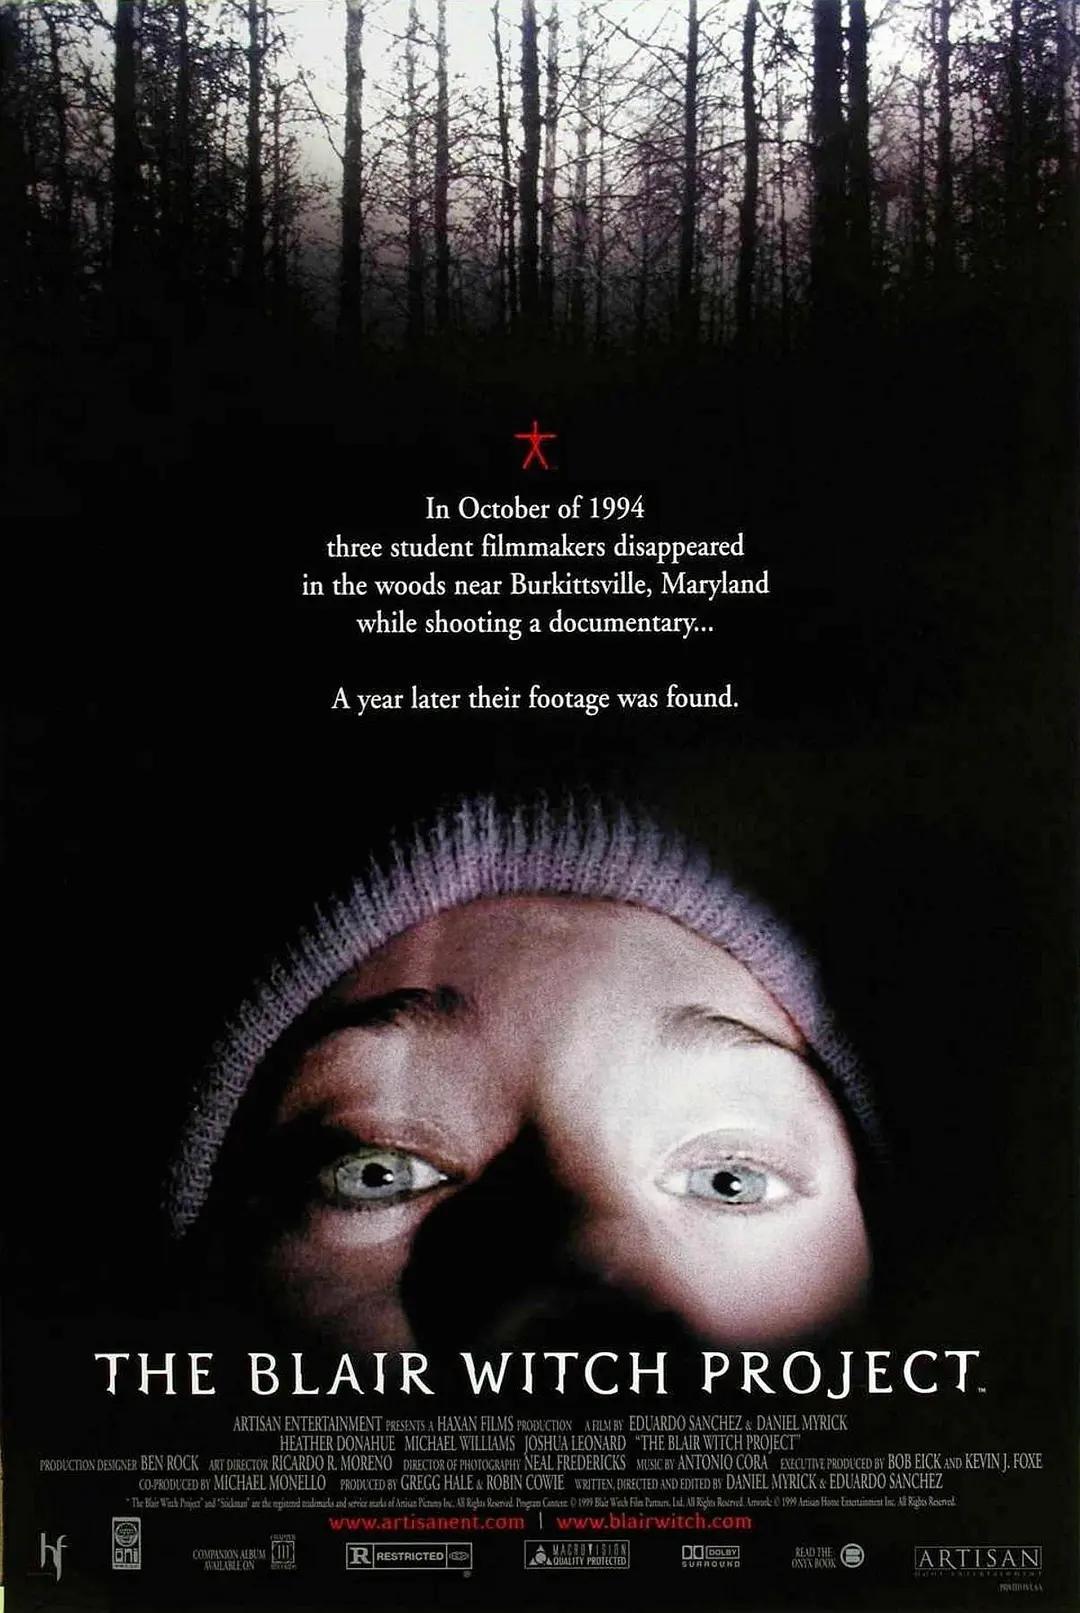 资深恐怖片选手必看8部电影!伪纪录片风格,身临其境的恐怖